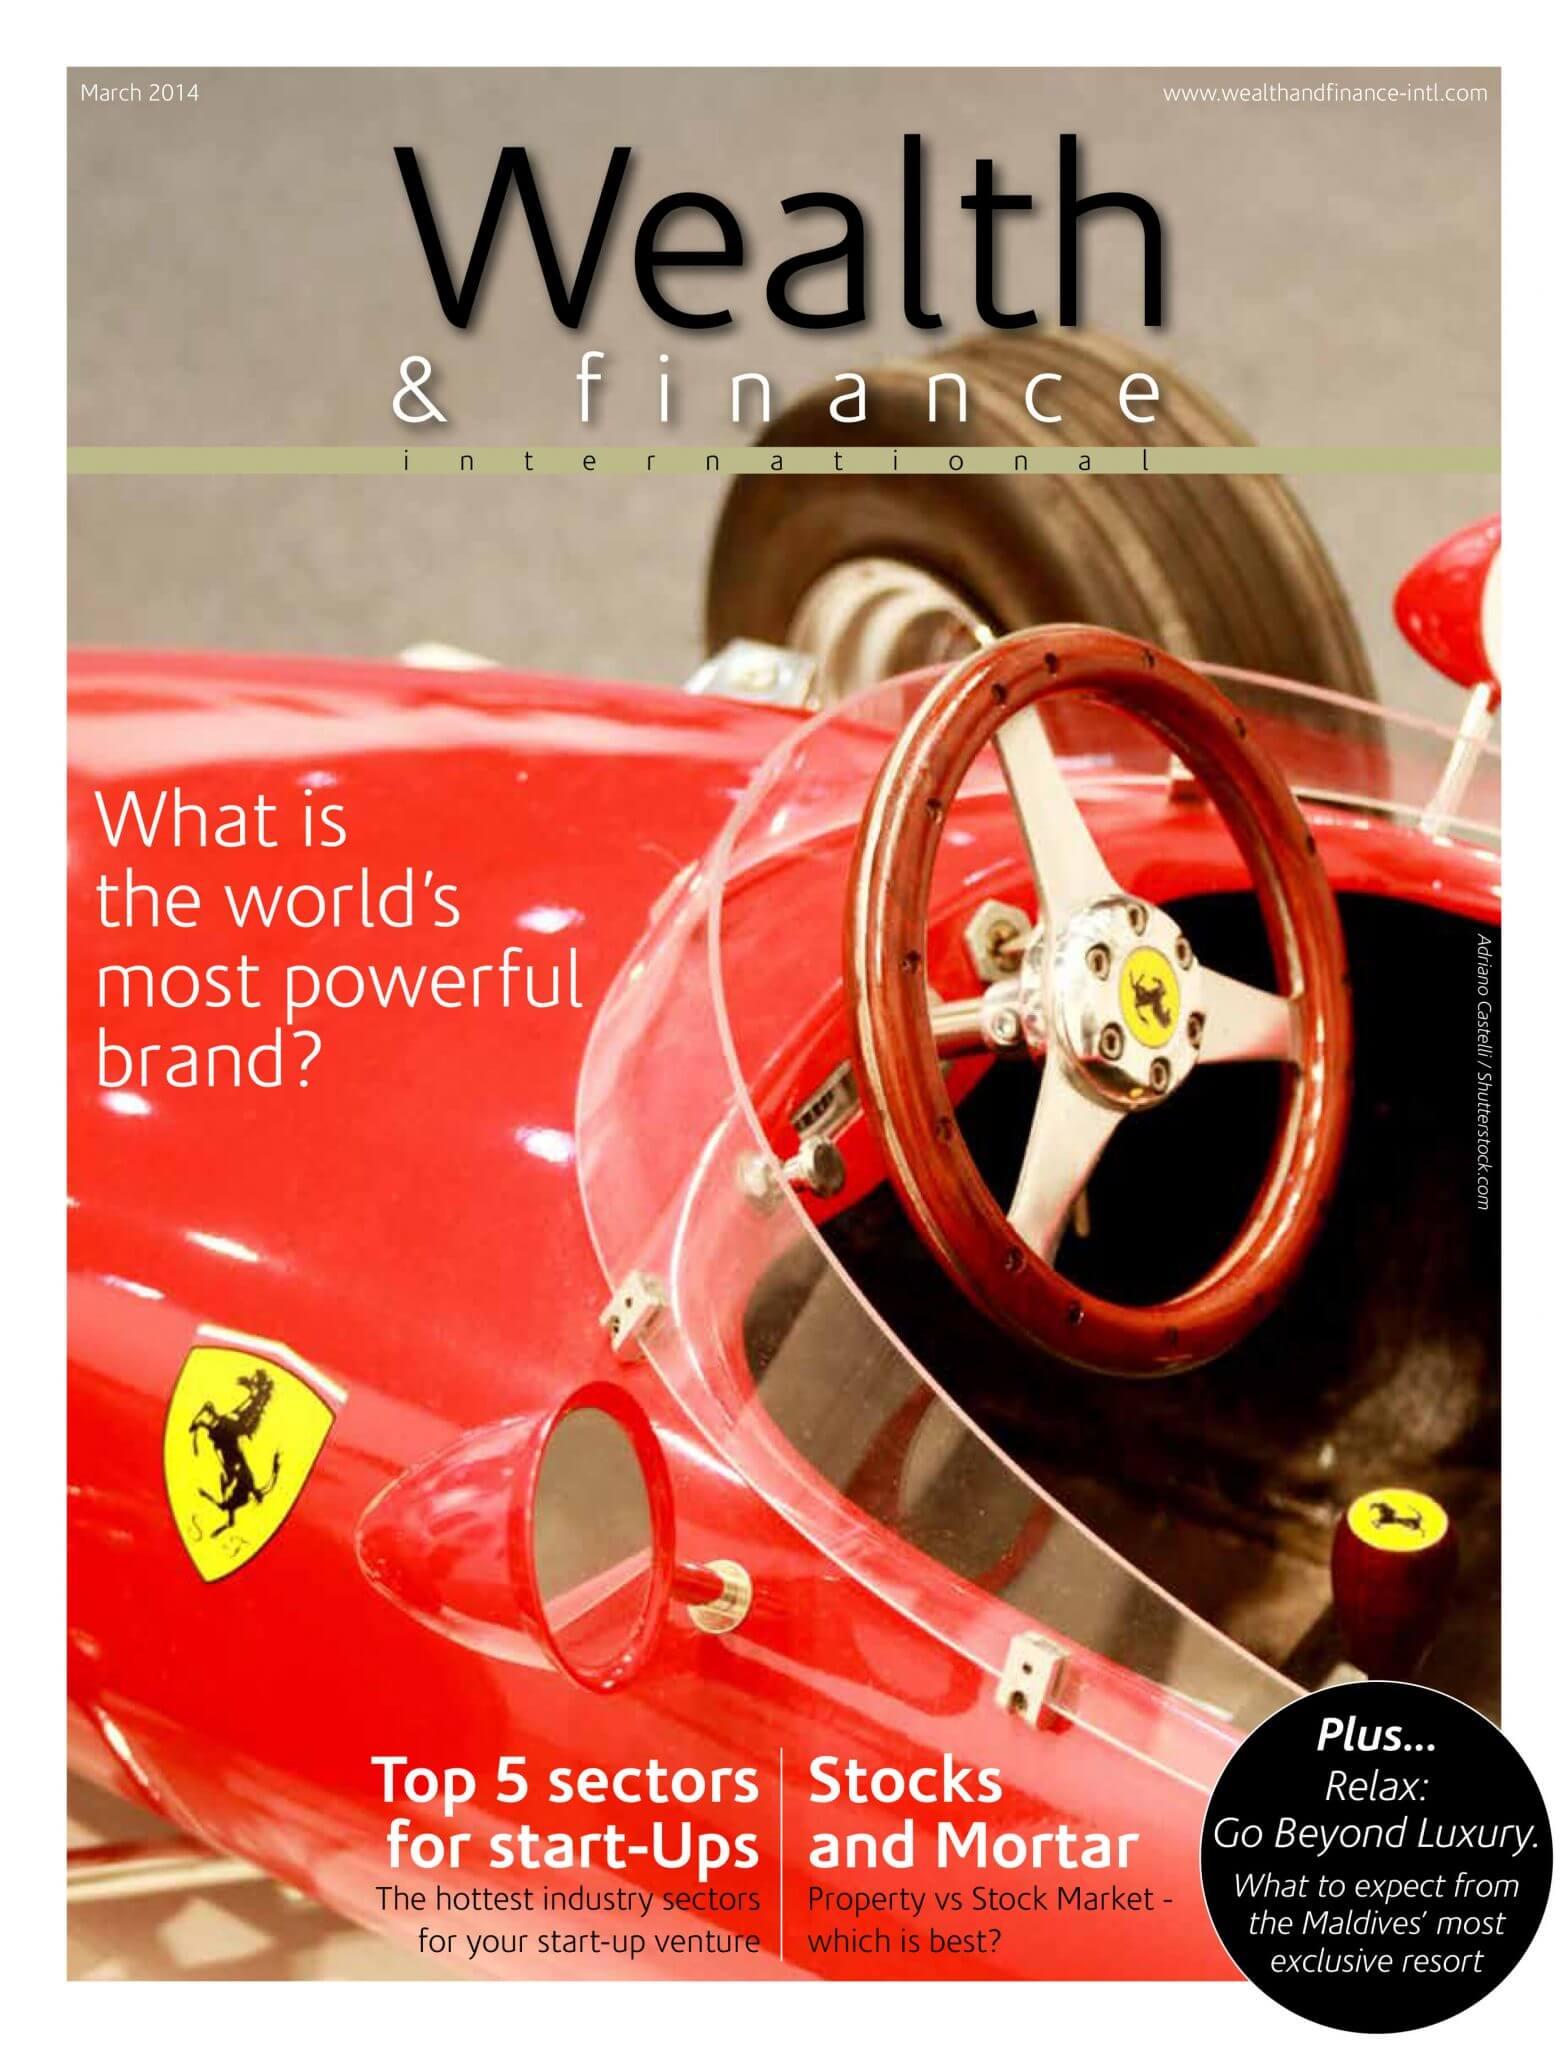 Wealth Magazine March 2014